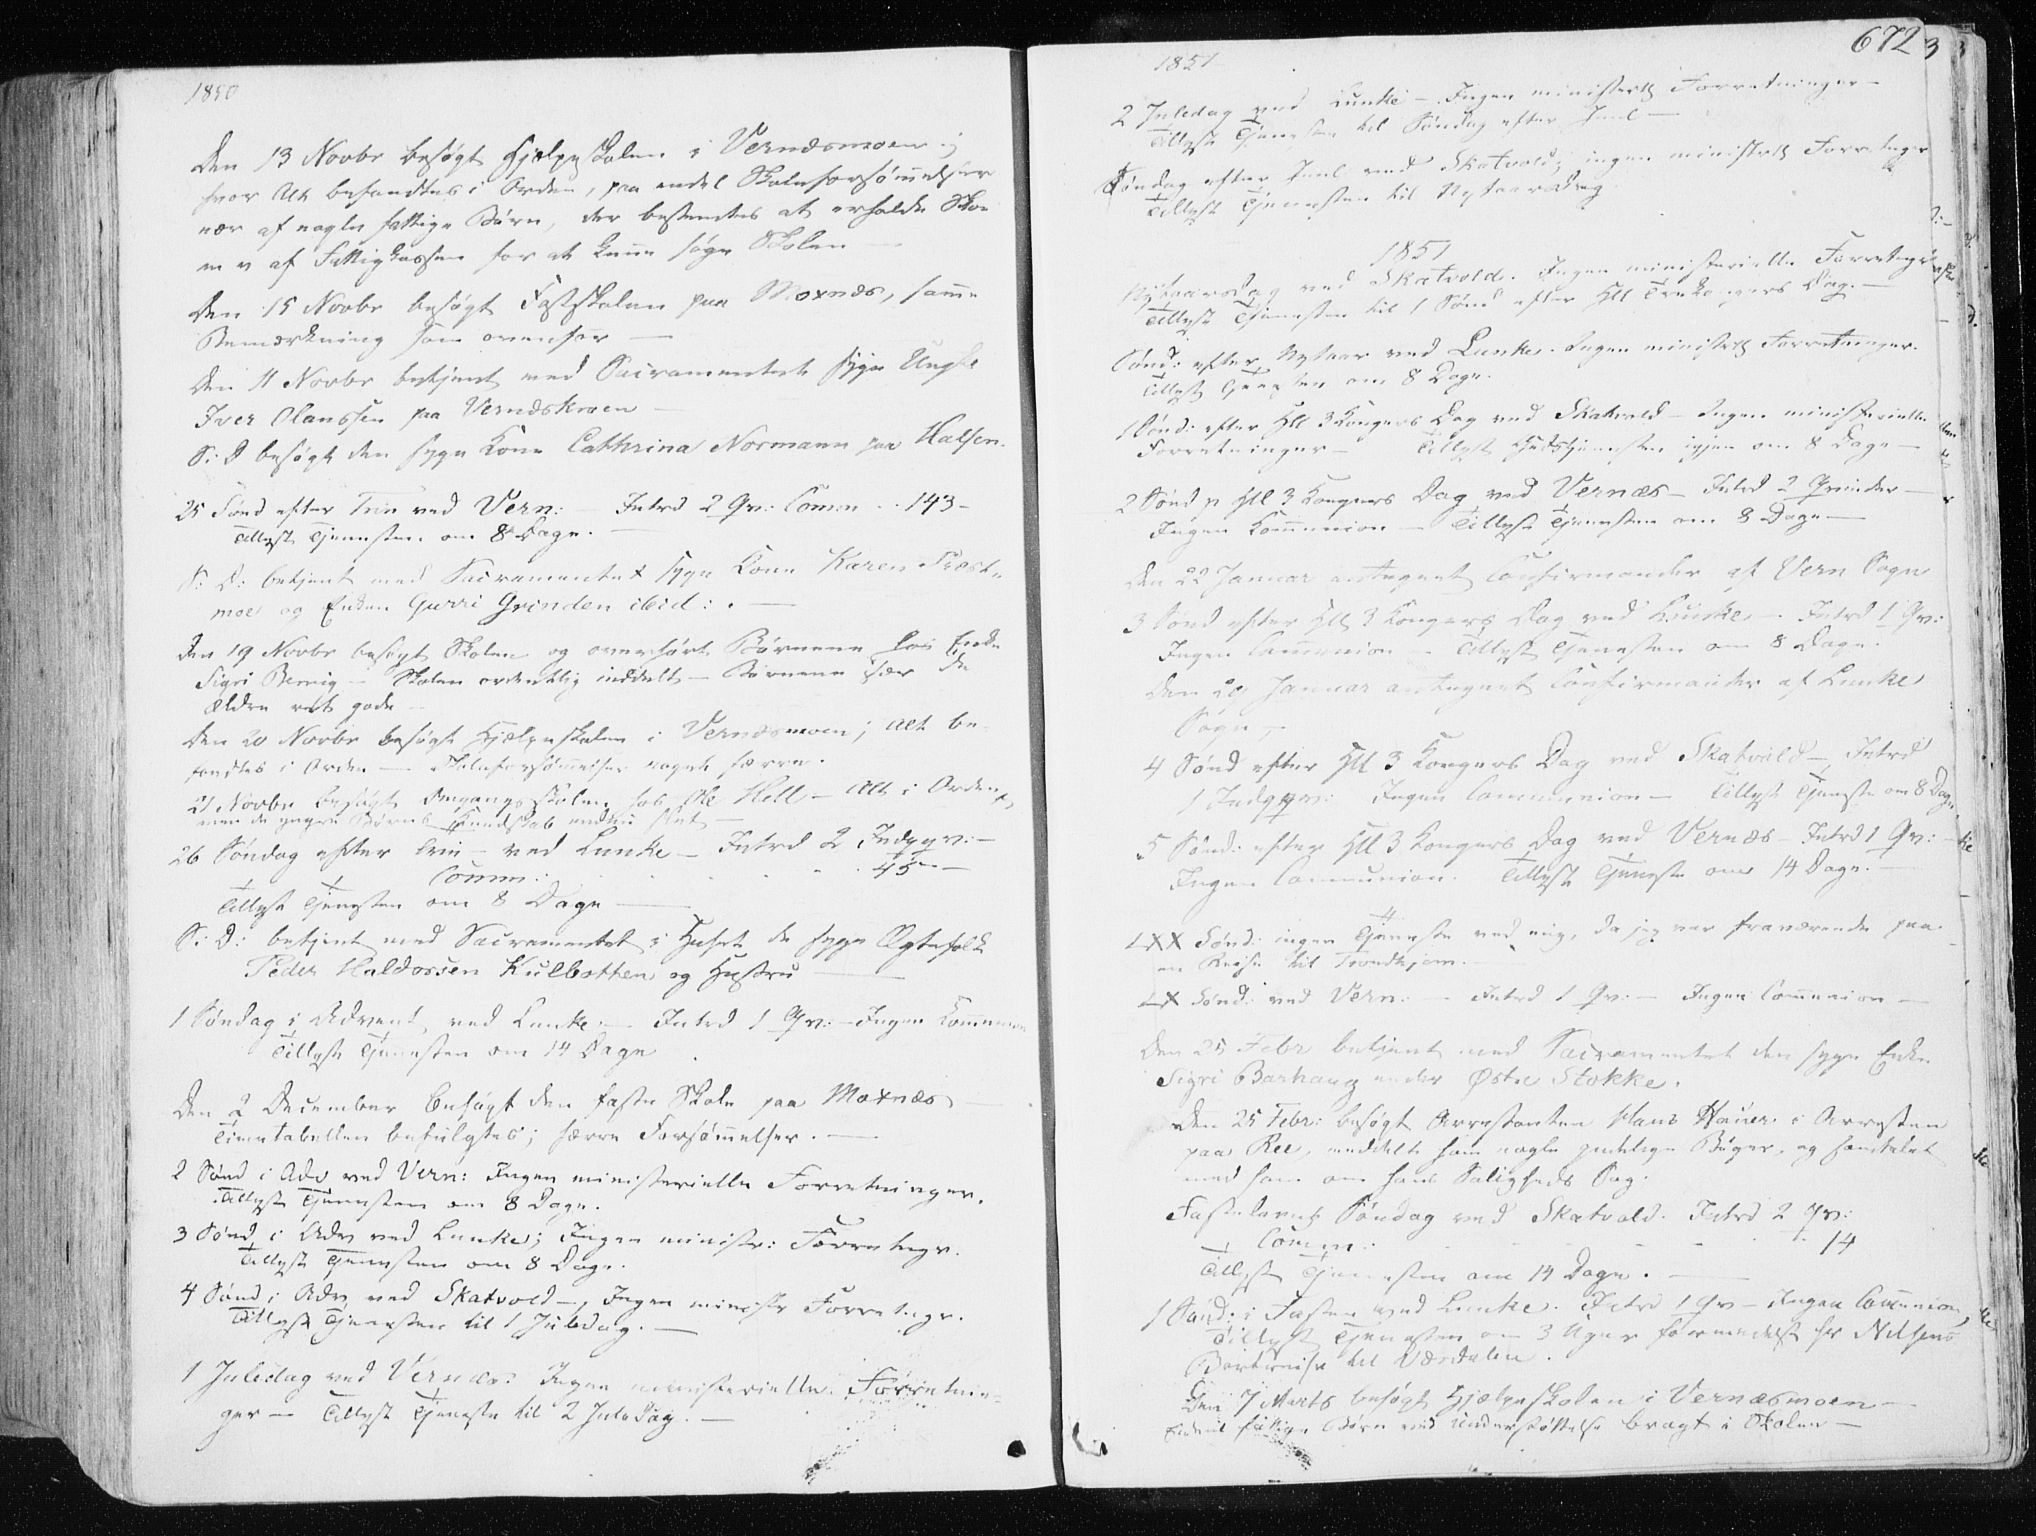 SAT, Ministerialprotokoller, klokkerbøker og fødselsregistre - Nord-Trøndelag, 709/L0074: Ministerialbok nr. 709A14, 1845-1858, s. 672